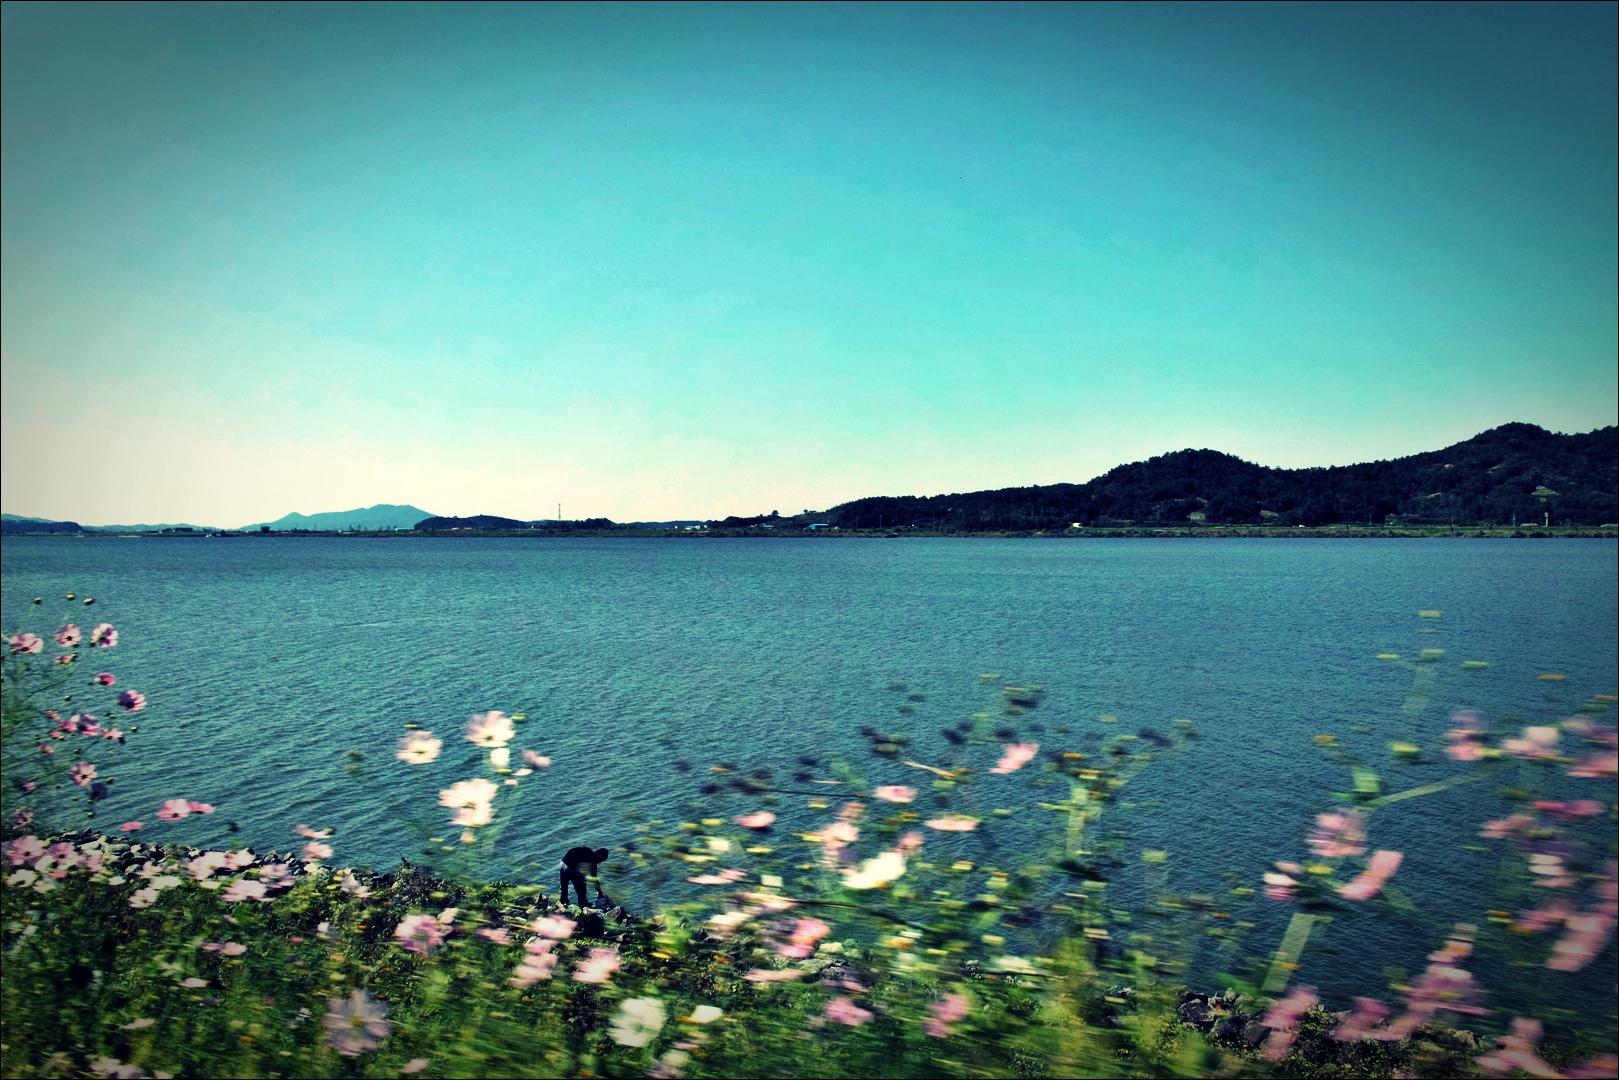 군산으로-'금강 자전거 캠핑 종주'